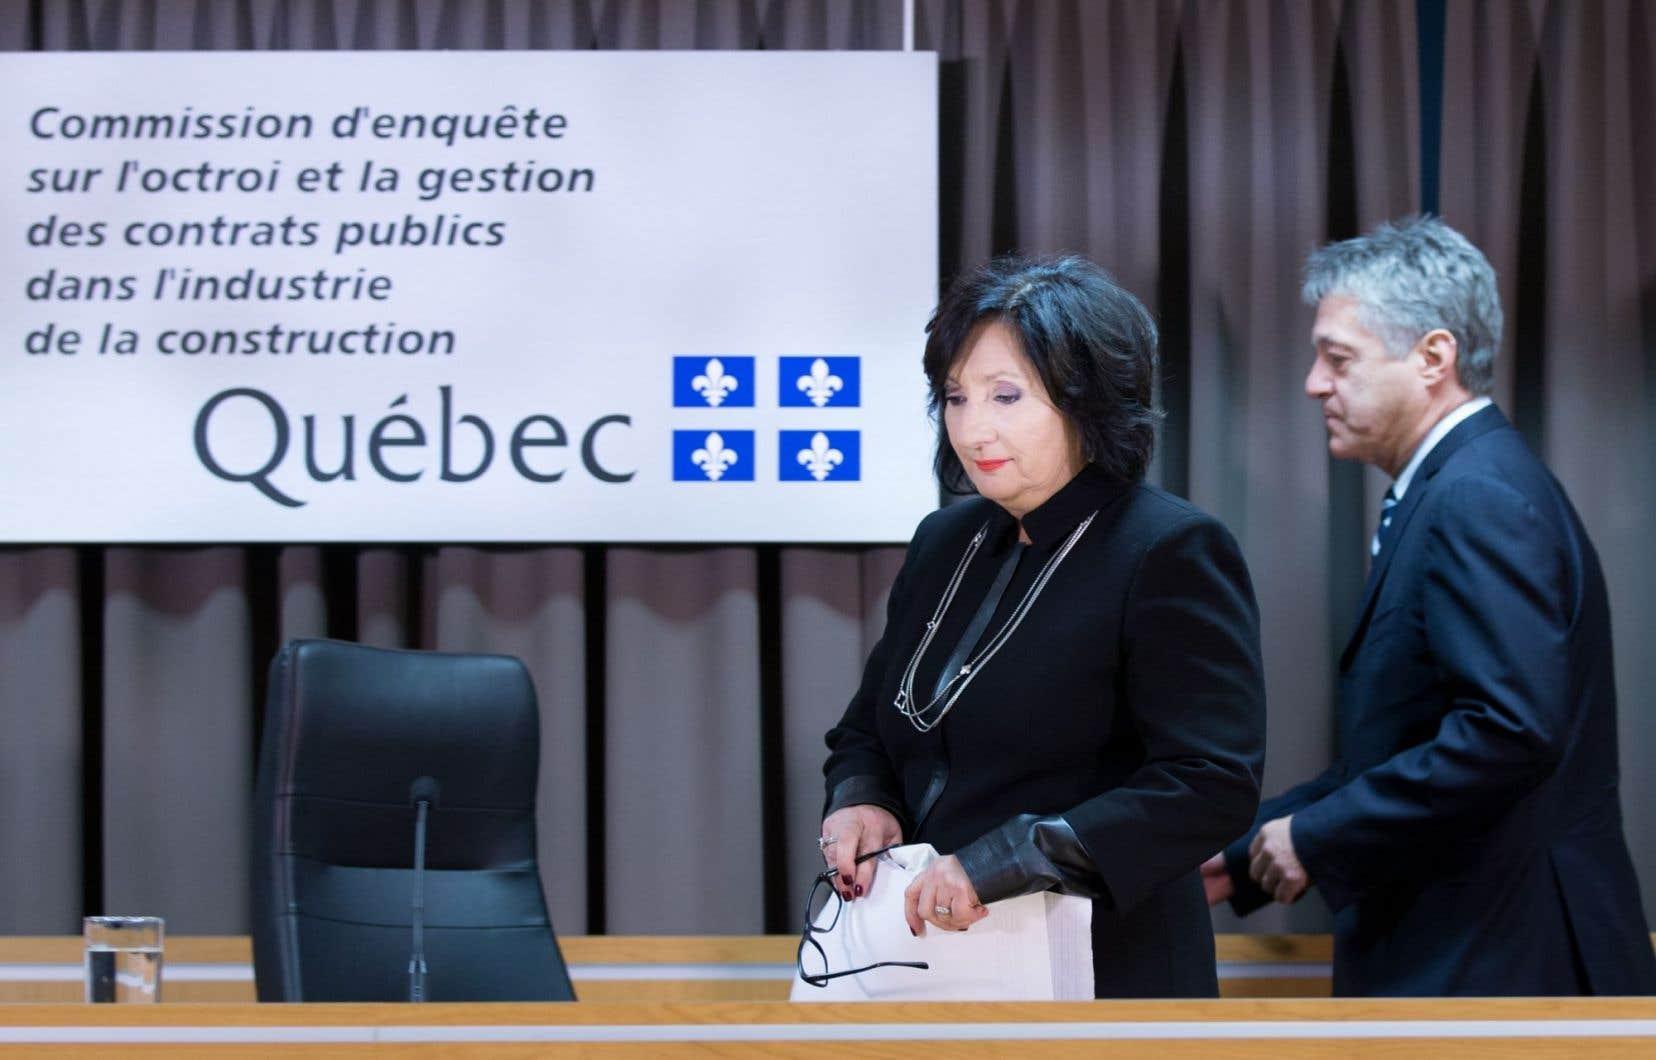 Le PQ avait affirmé que la dissidence exprimée par le commissaire Renaud Lachance nécessitait qu'il soit entendu, tout comme la présidente de la commission, France Charbonneau.